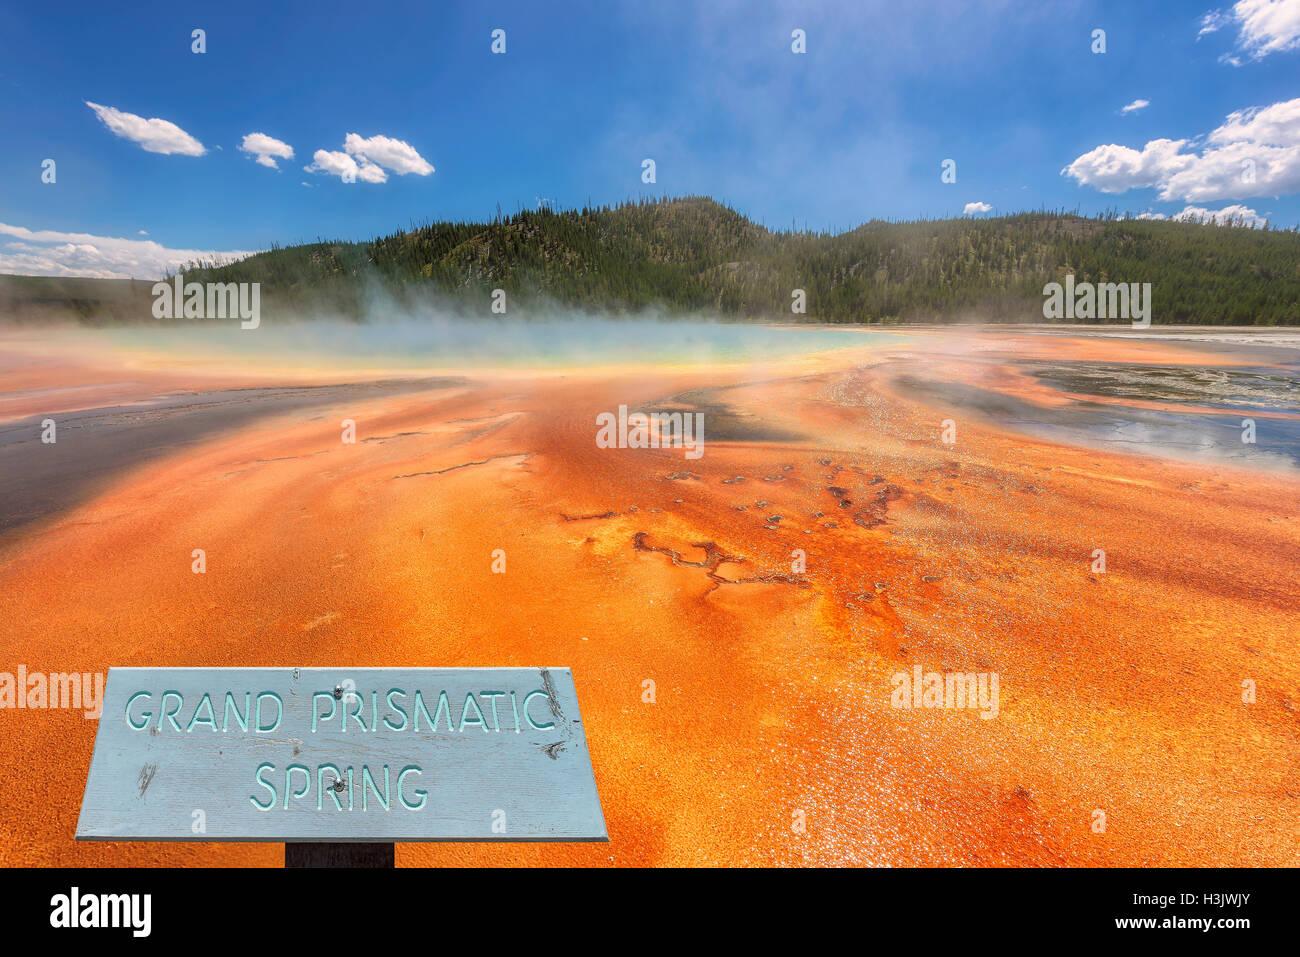 Vista de la Grand Prismatic Spring, en el parque nacional de Yellowstone. Imagen De Stock